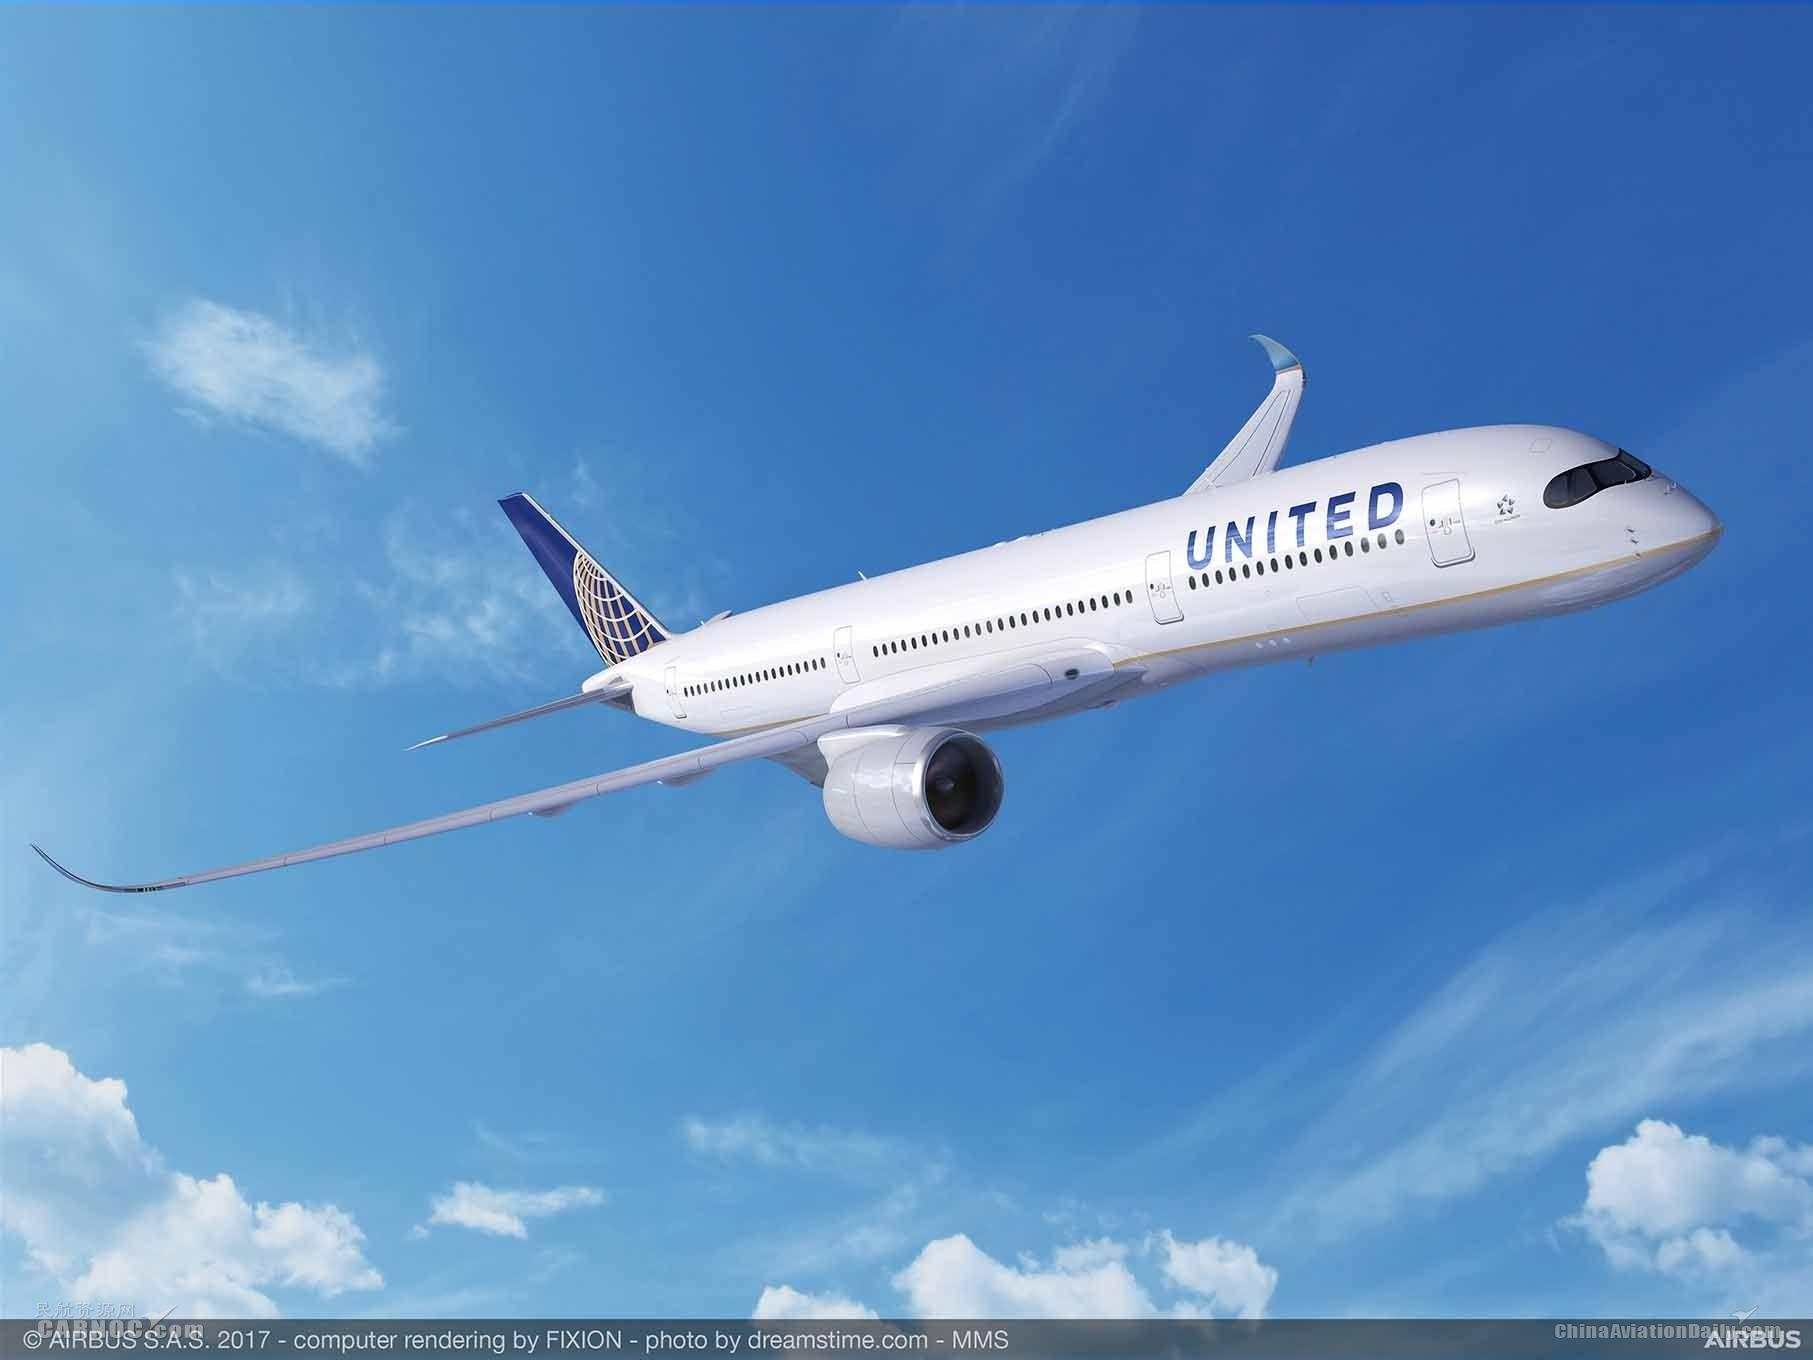 需求强劲,美联航第三季度净利润超10亿美元